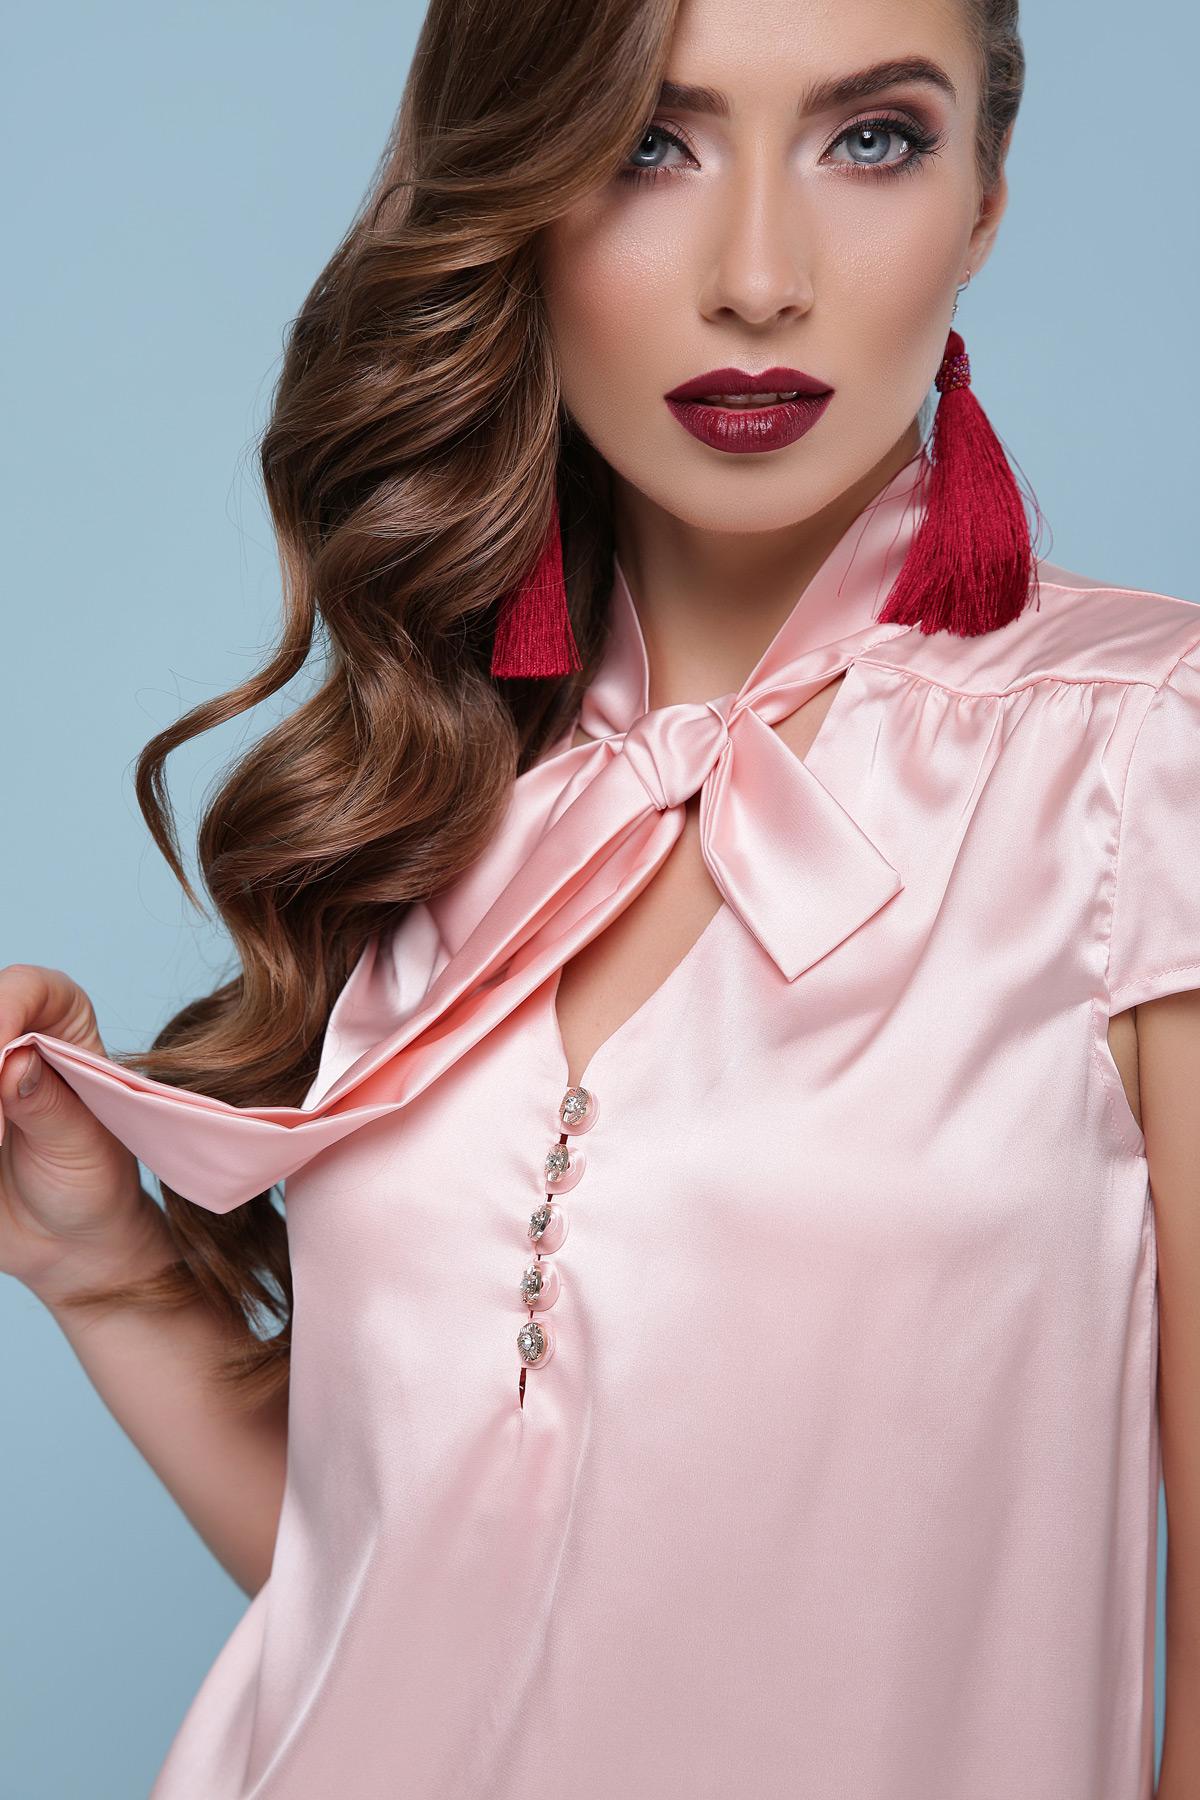 ab5c70166dc Цвет  персик купить  шелковая персиковая блузка. блуза Филипа к р.